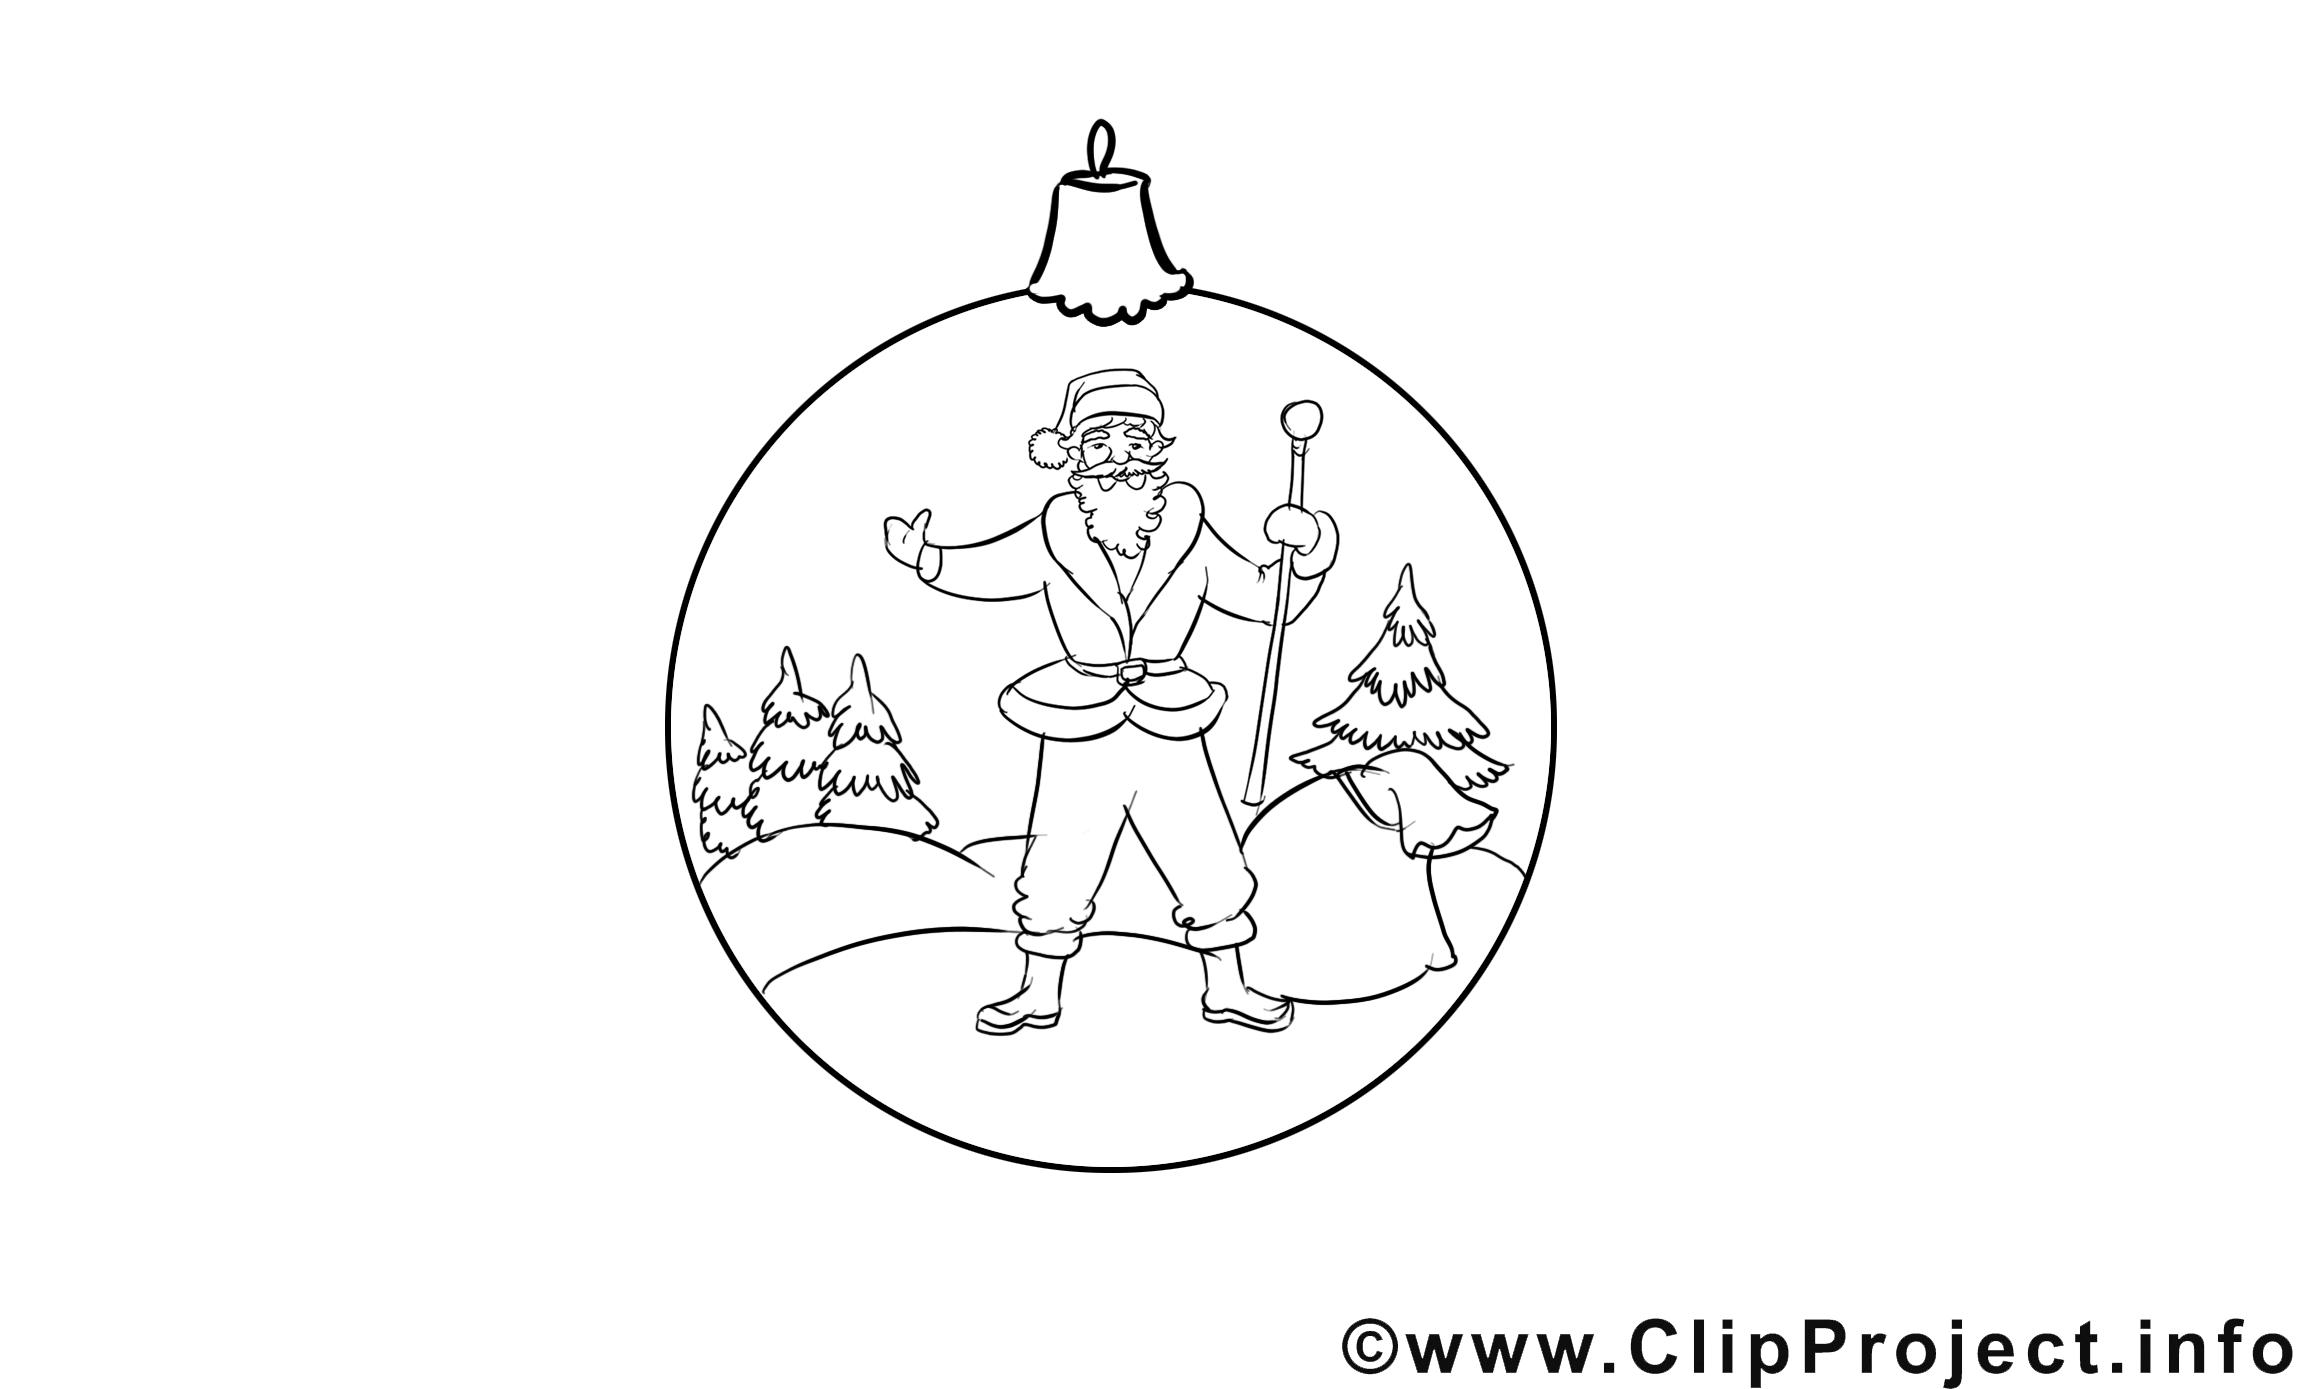 Boule de neige clip art – Avent image à colorier